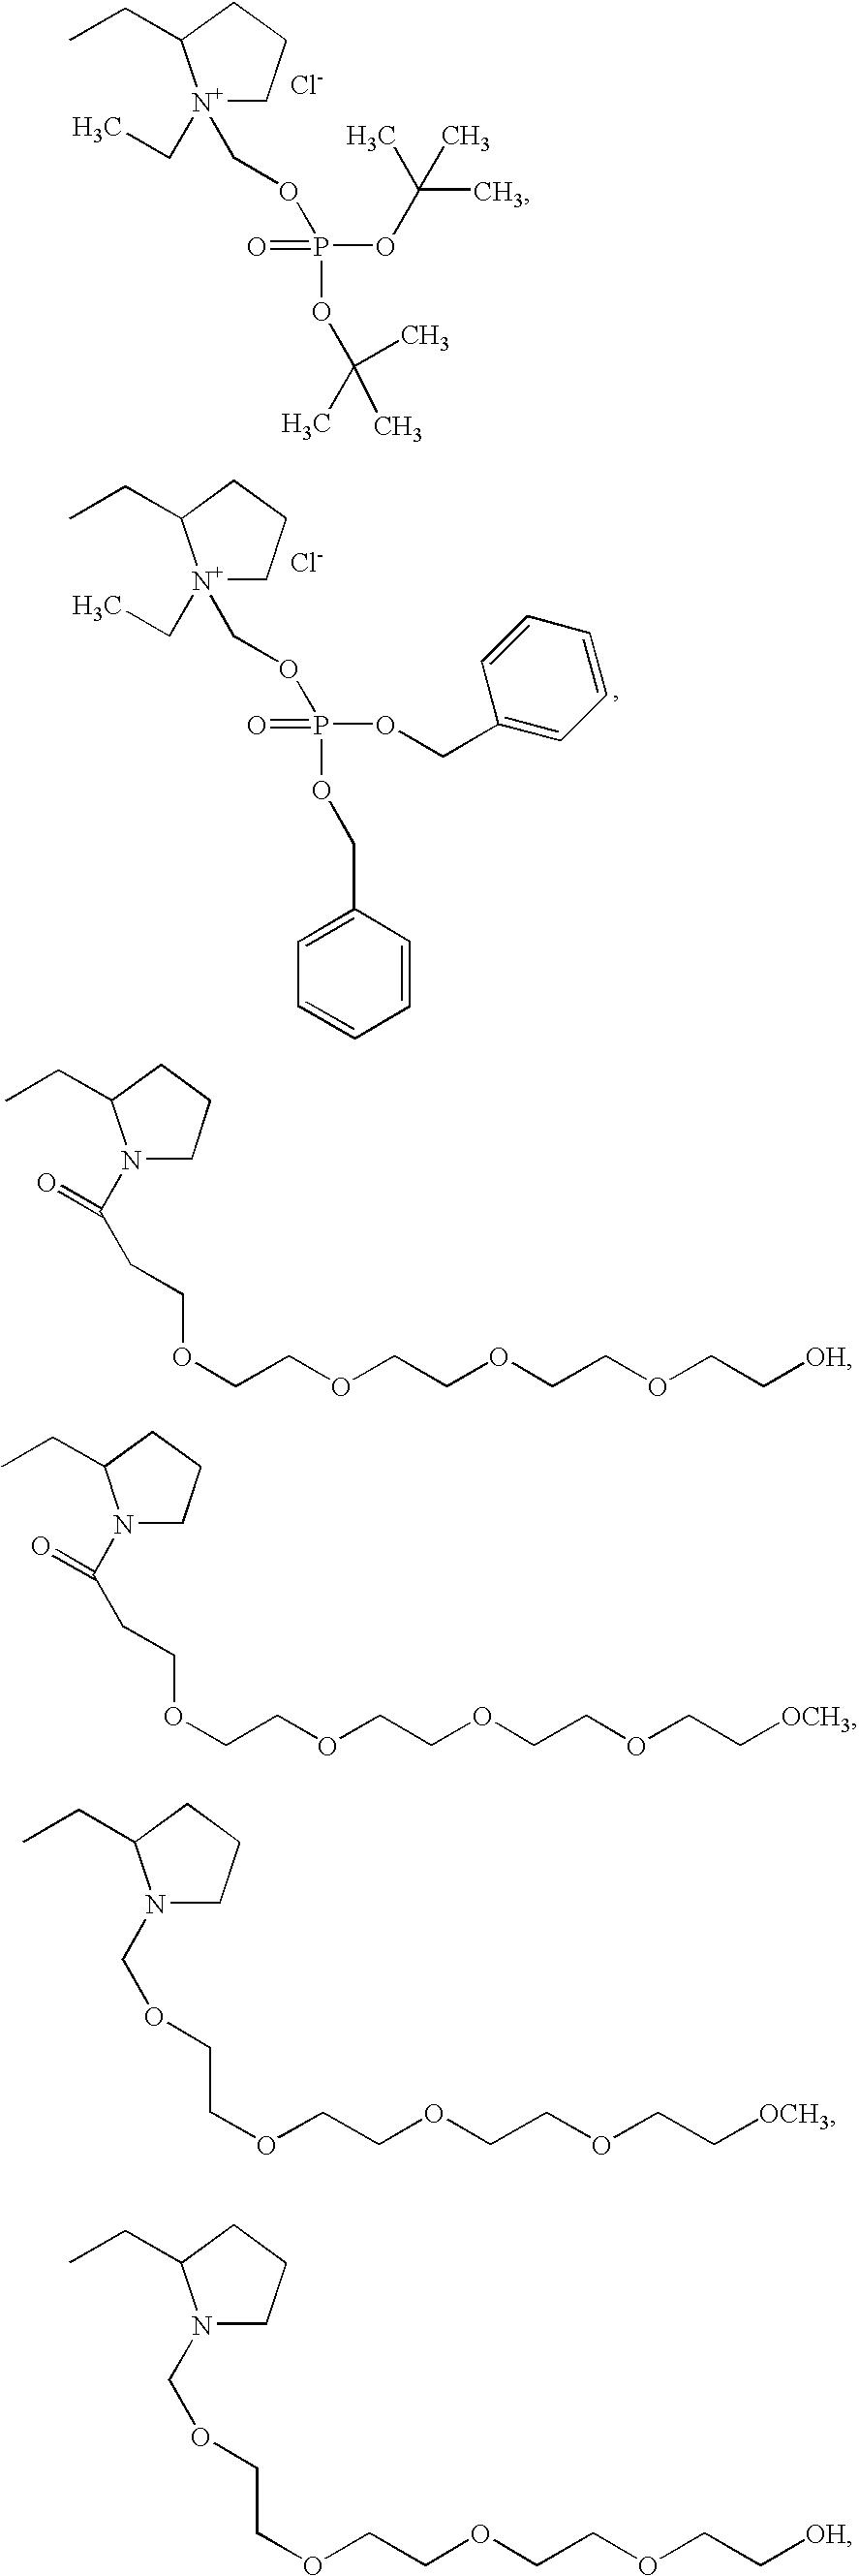 Figure US20050113341A1-20050526-C00093